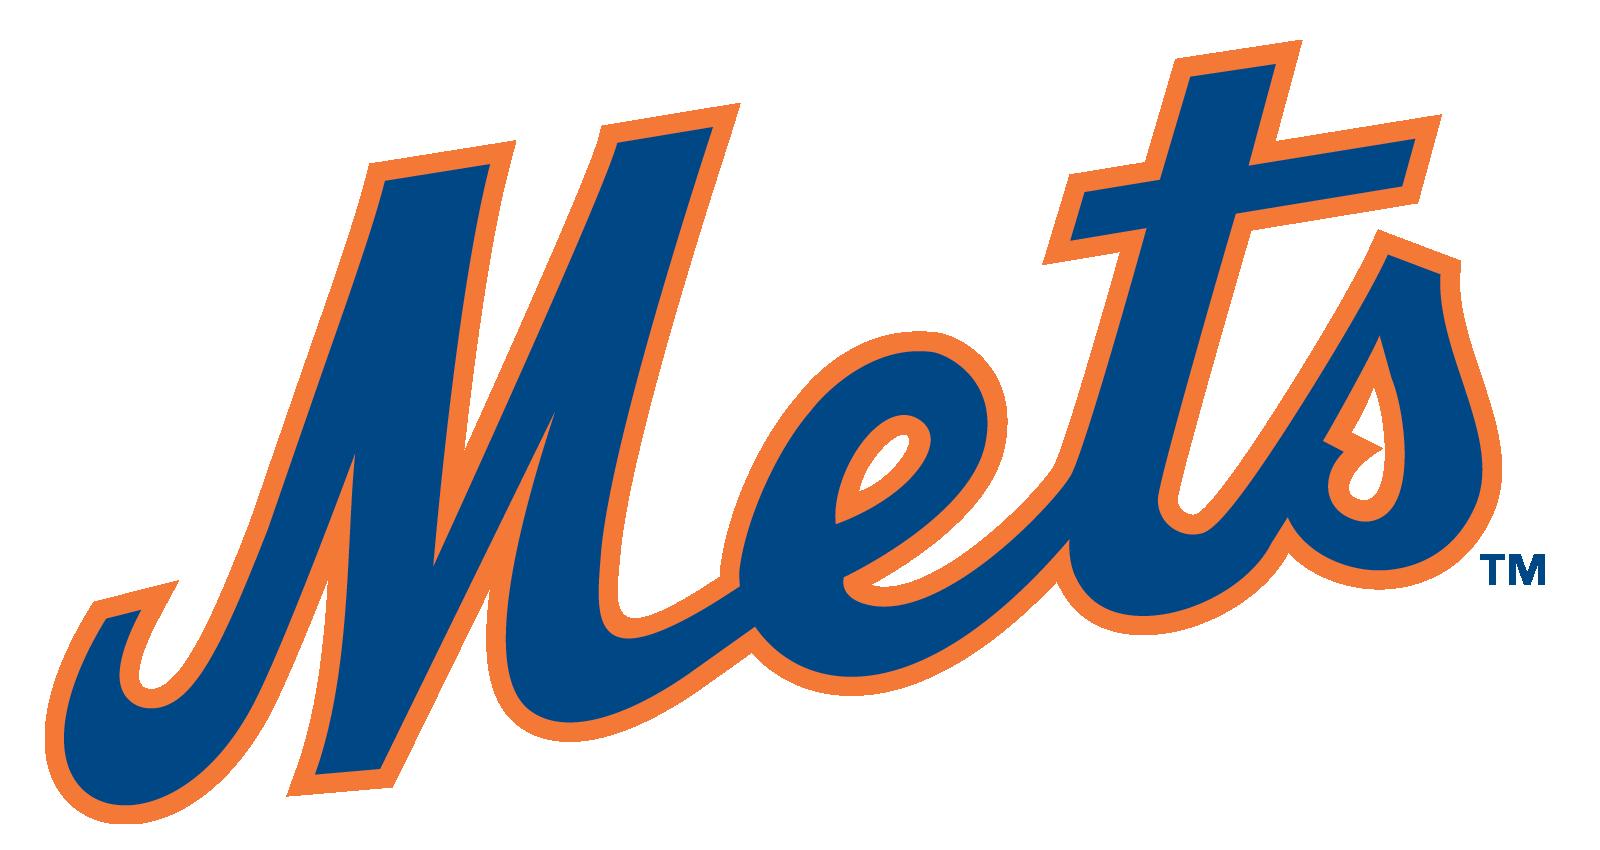 new york mets logos download rh logos download com mets logos free mets logos through the years